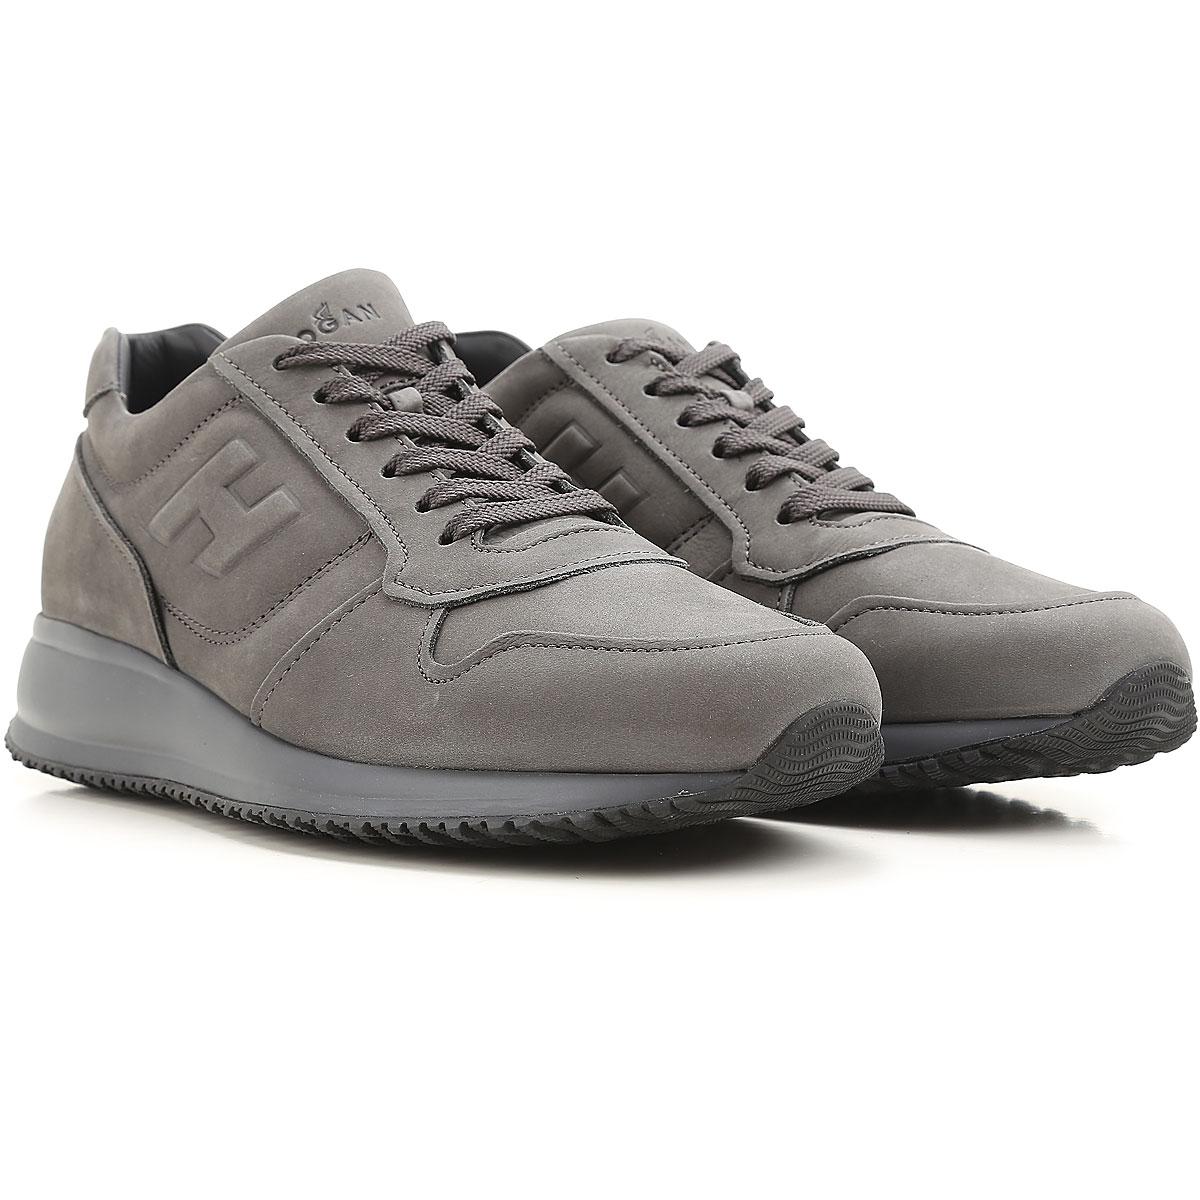 Chaussures De Sport Pour Les Hommes À La Vente, De La Boue Noire, Cuir Suède, 2017, 7 Hogan